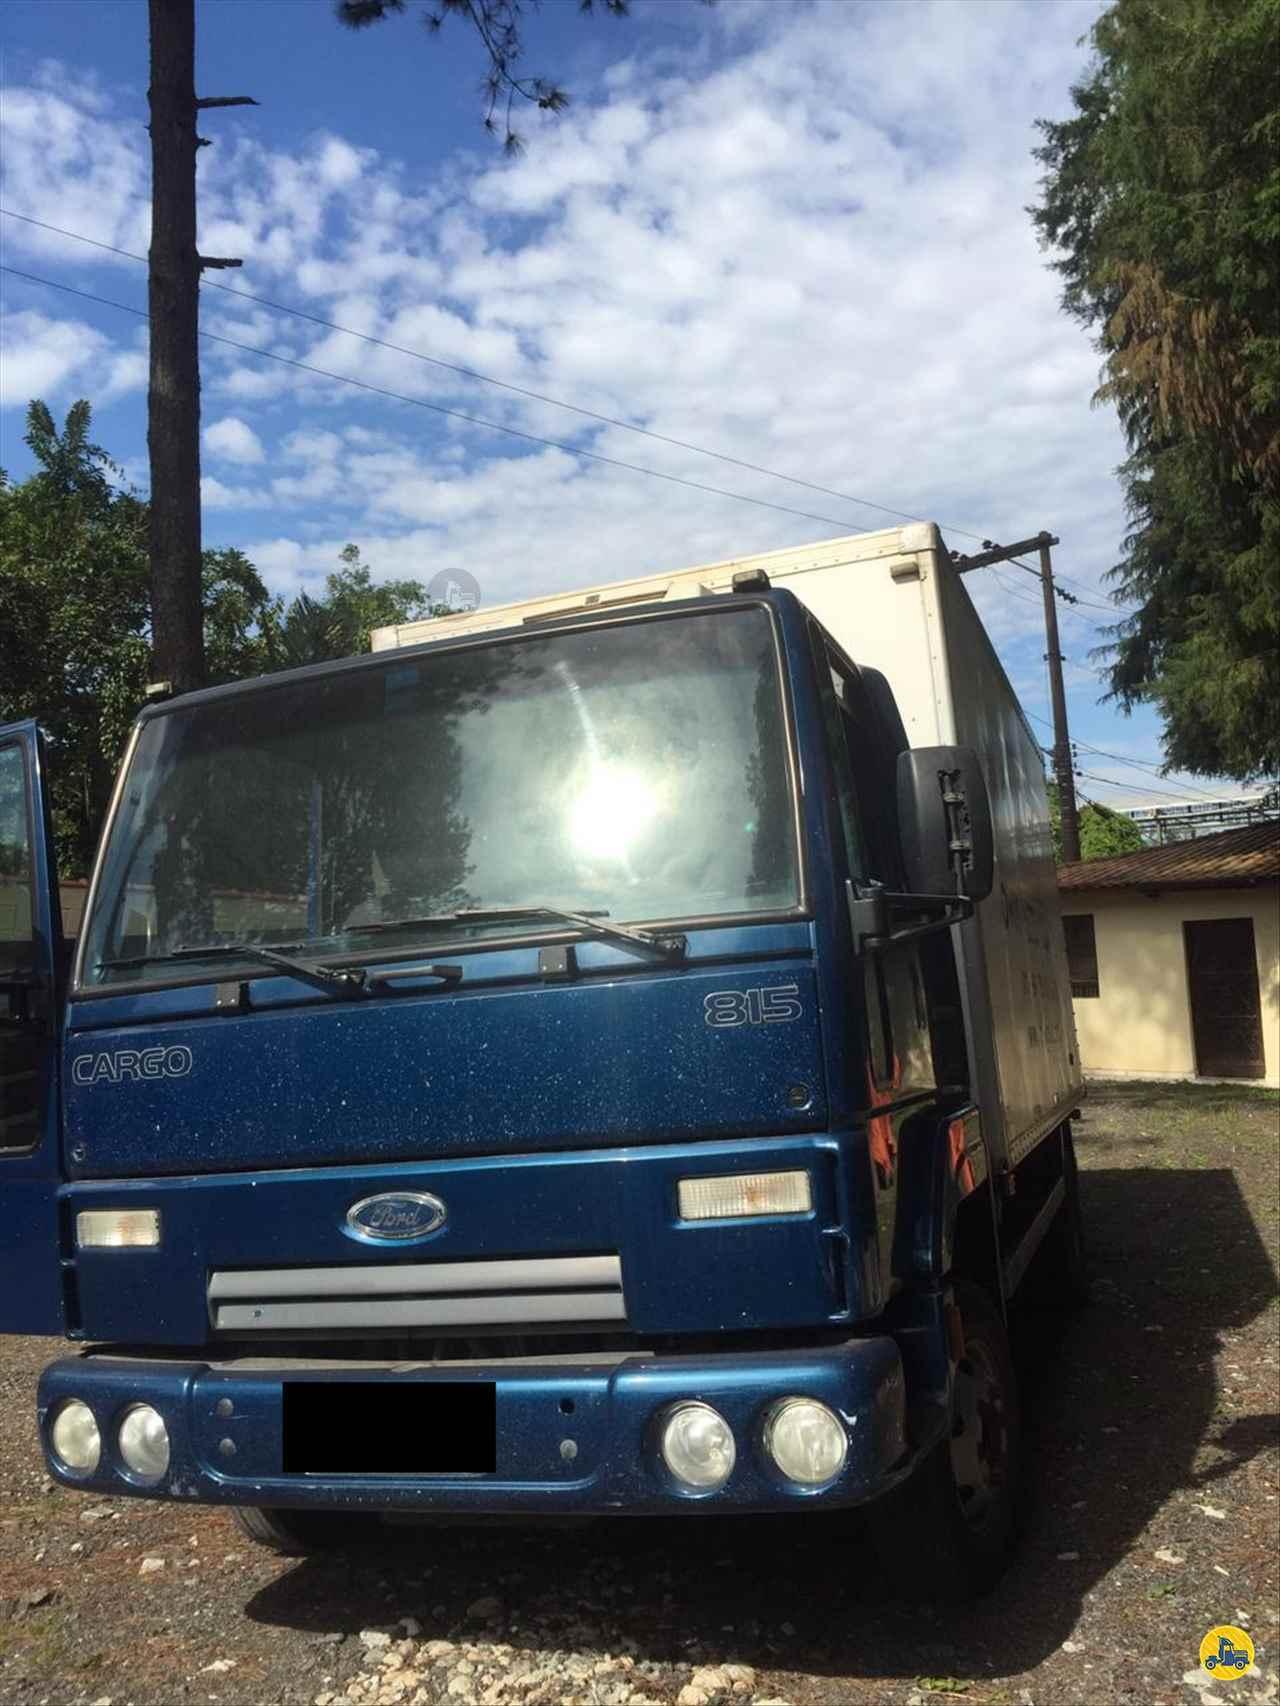 CAMINHAO FORD CARGO 815 Baú Frigorífico Toco 4x2 Wilson Caminhões RIBEIRAO PIRES SÃO PAULO SP